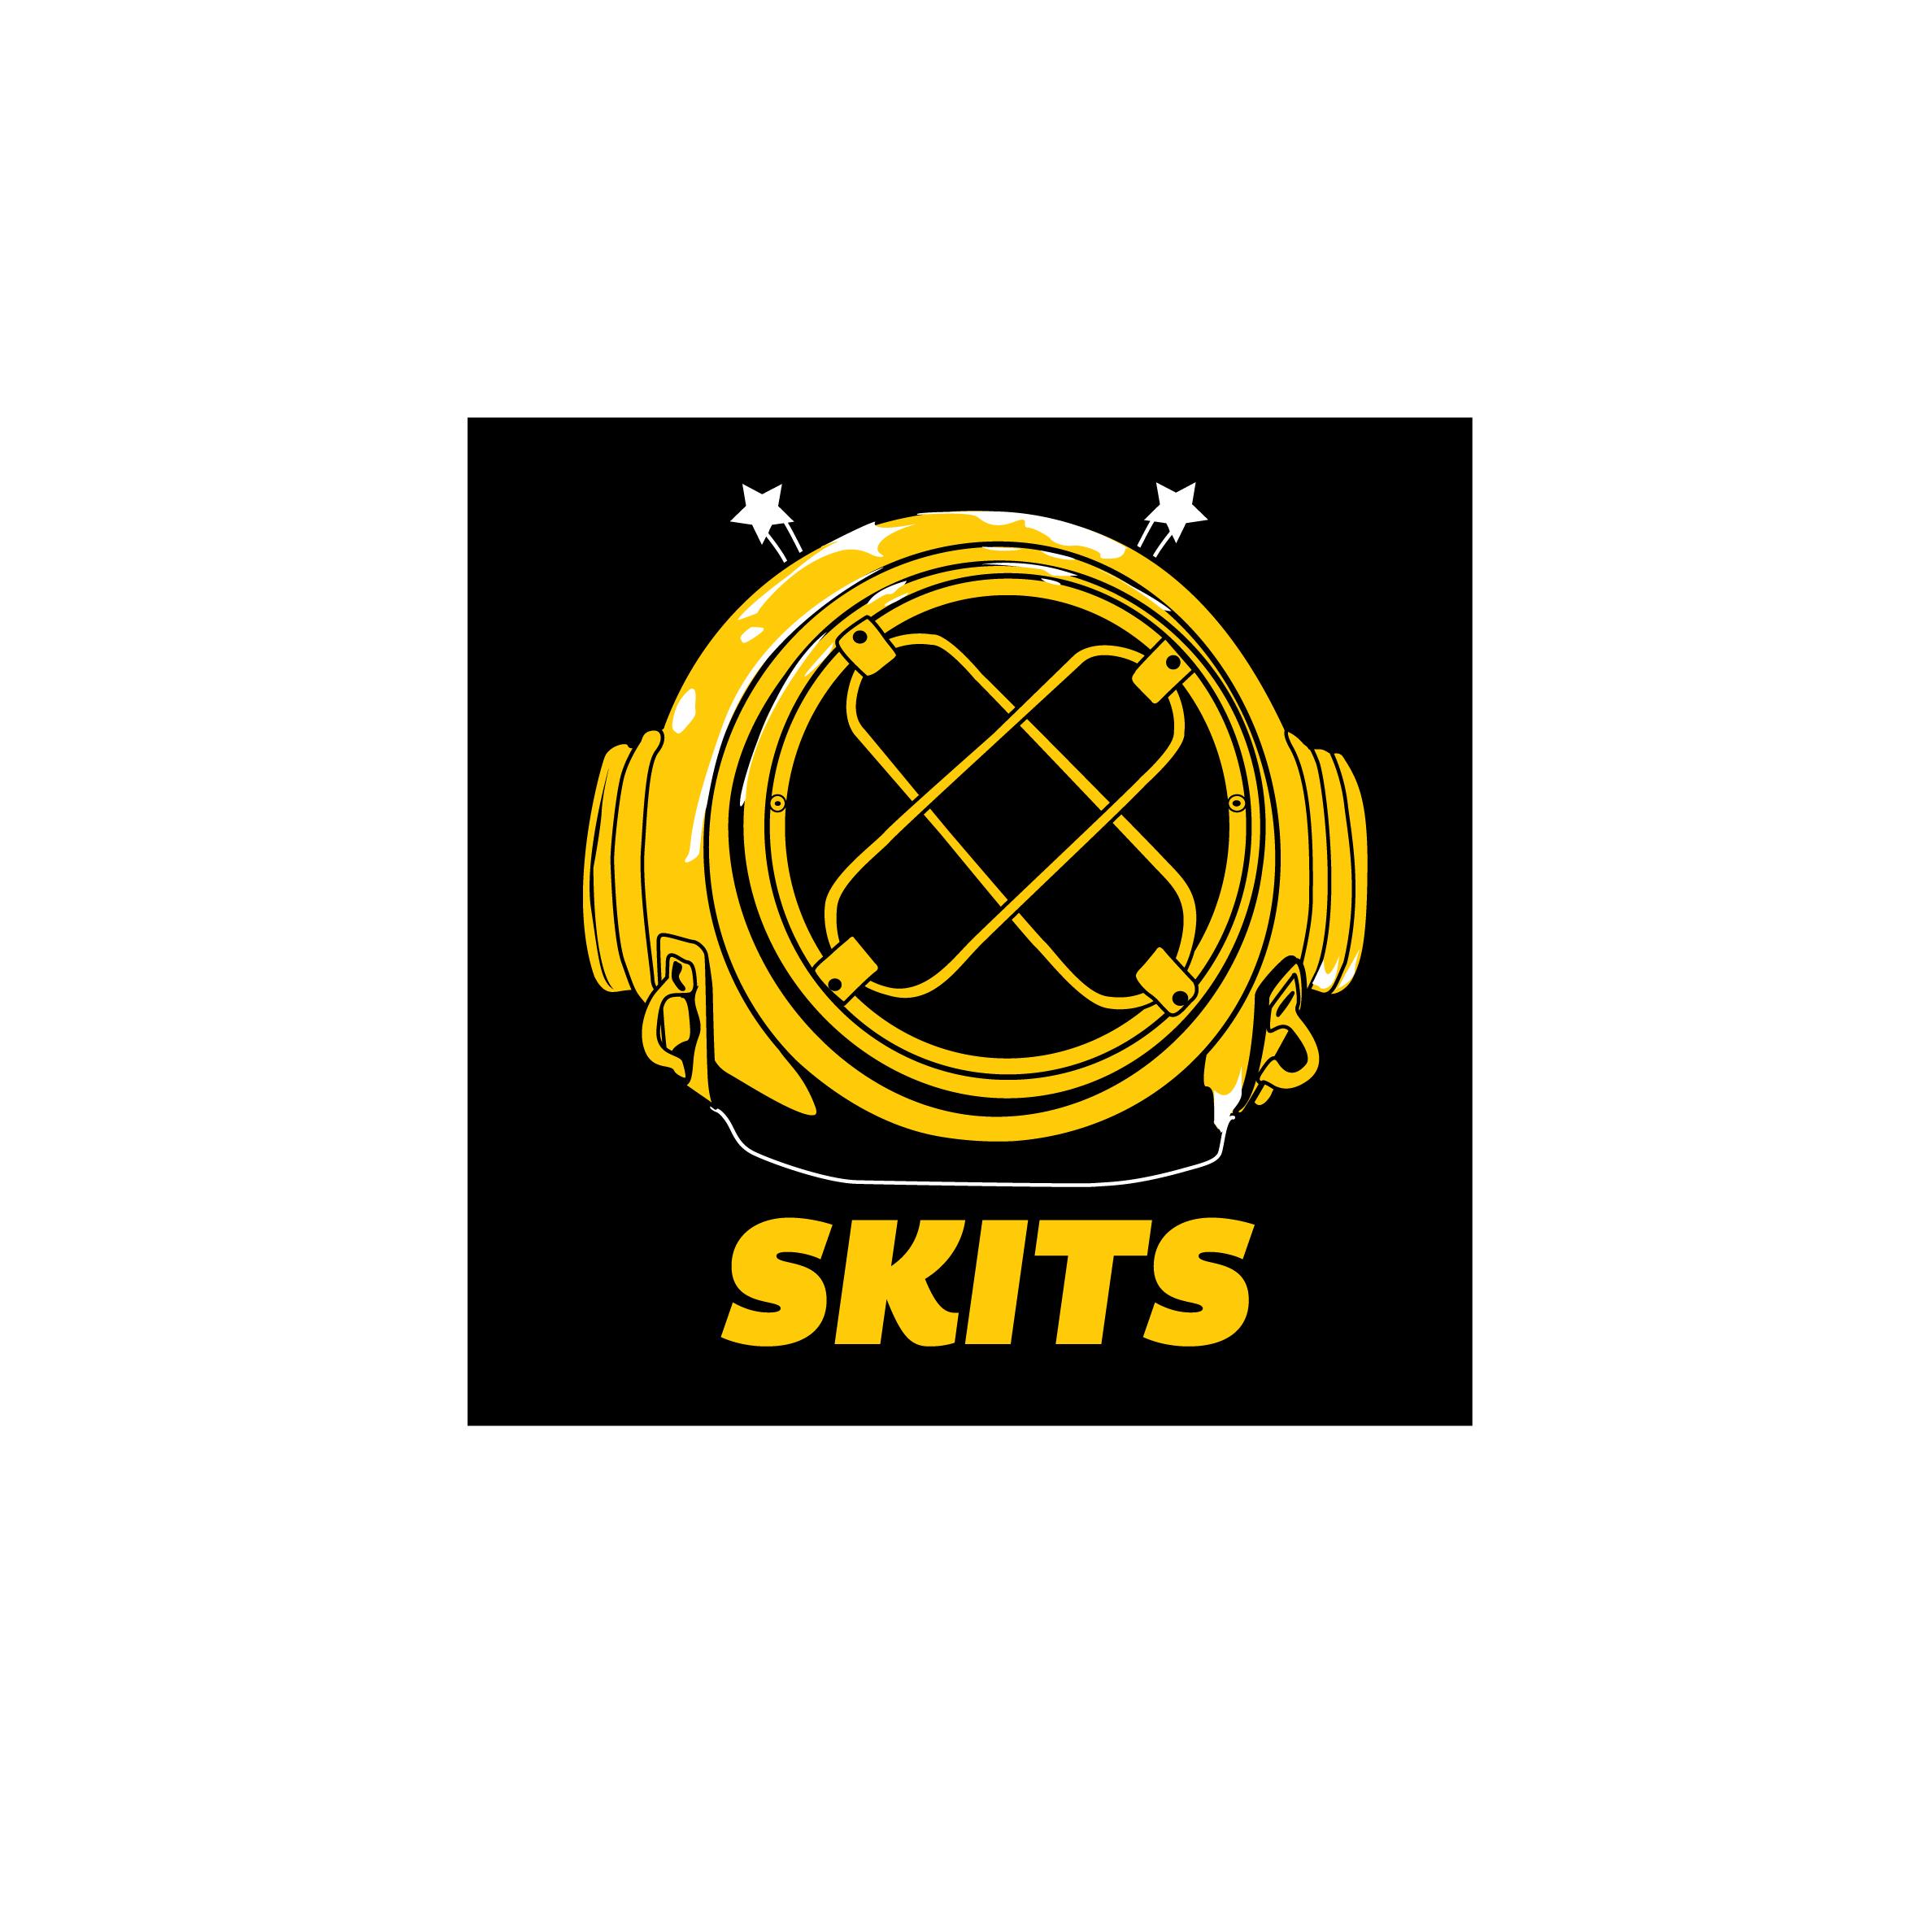 SKITS Mixing